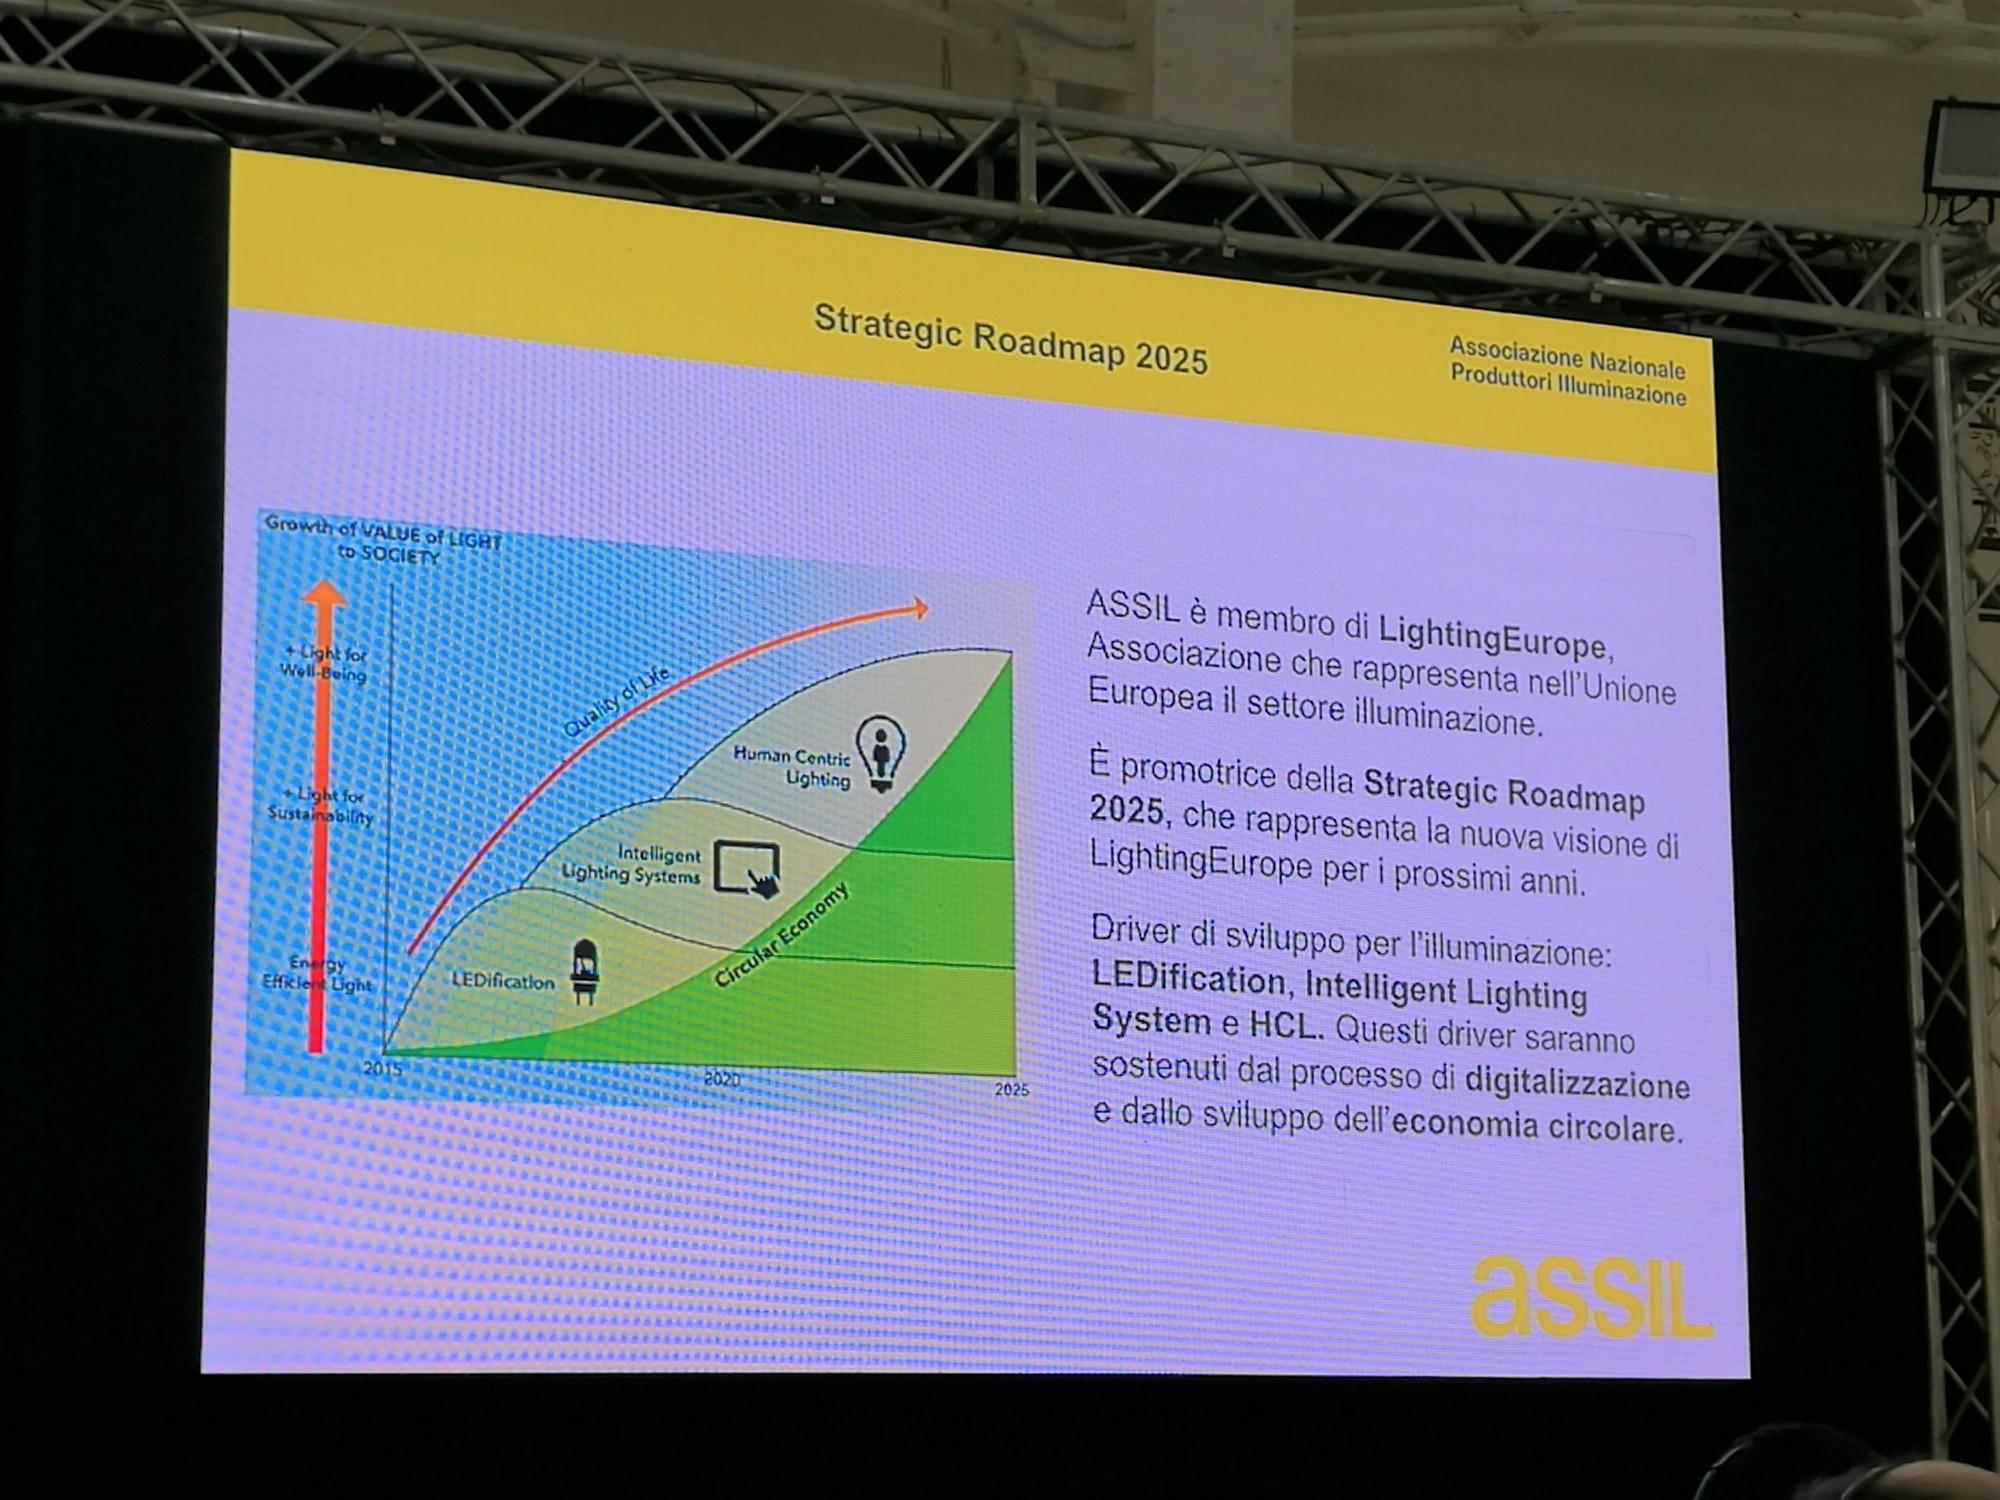 Illuminazione per metro quadro progettare l illuminazione non